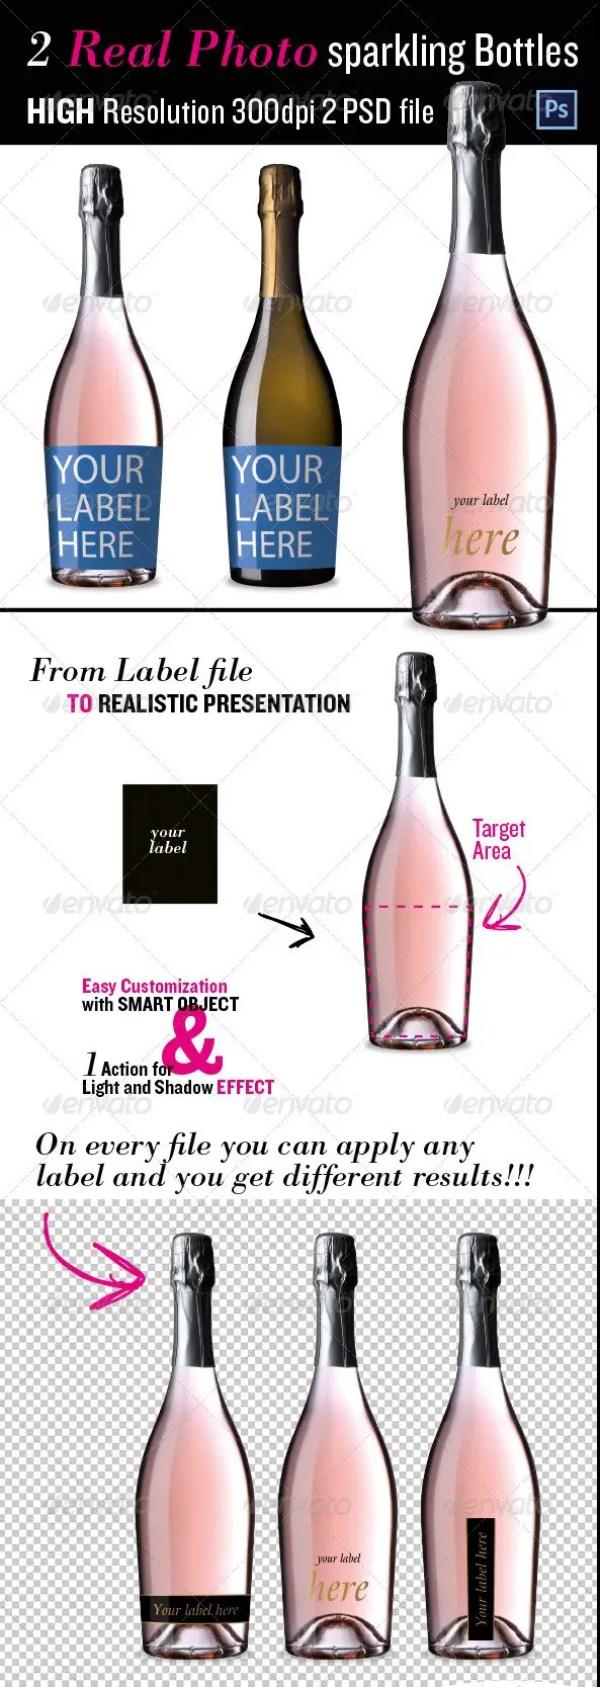 Sparkling Wine Bottles Mockup